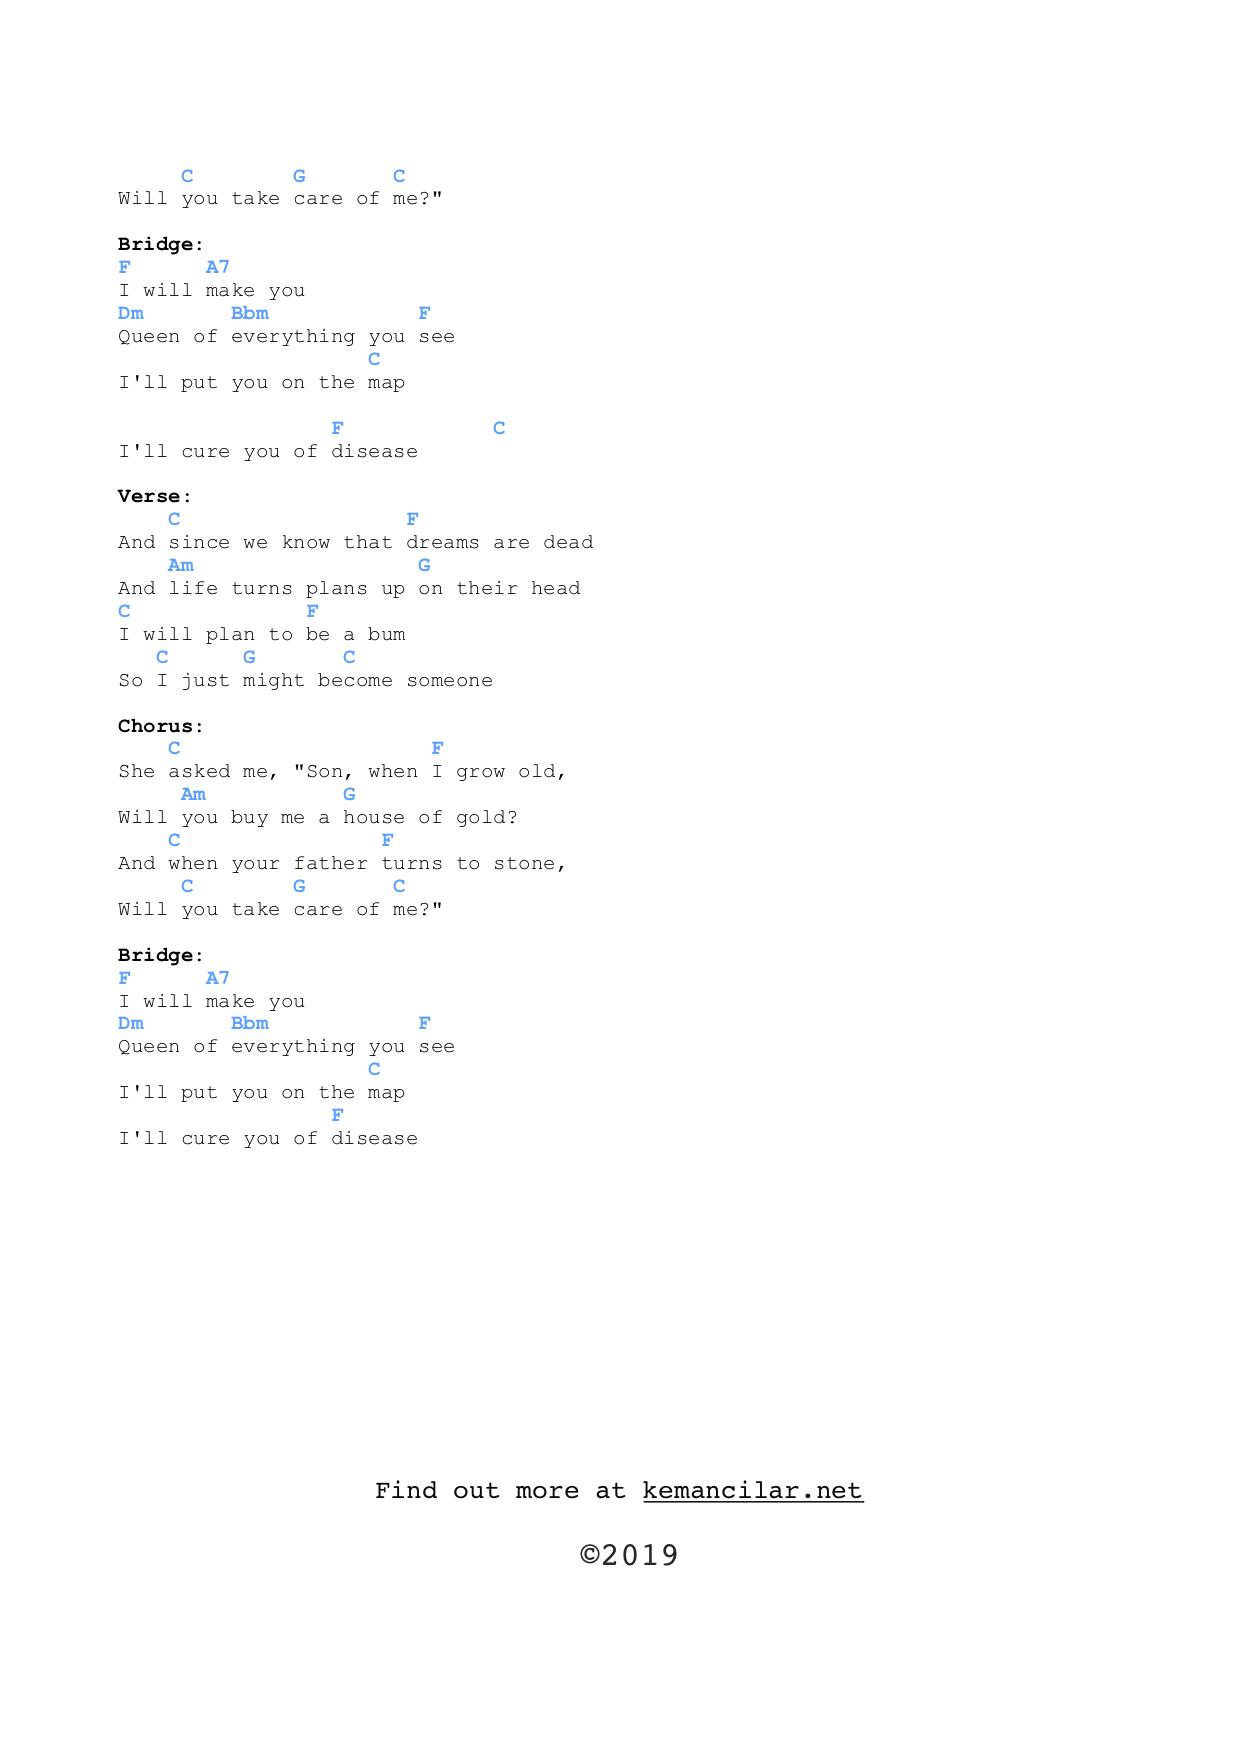 House of Gold ukulele chords | Free Sheet Music